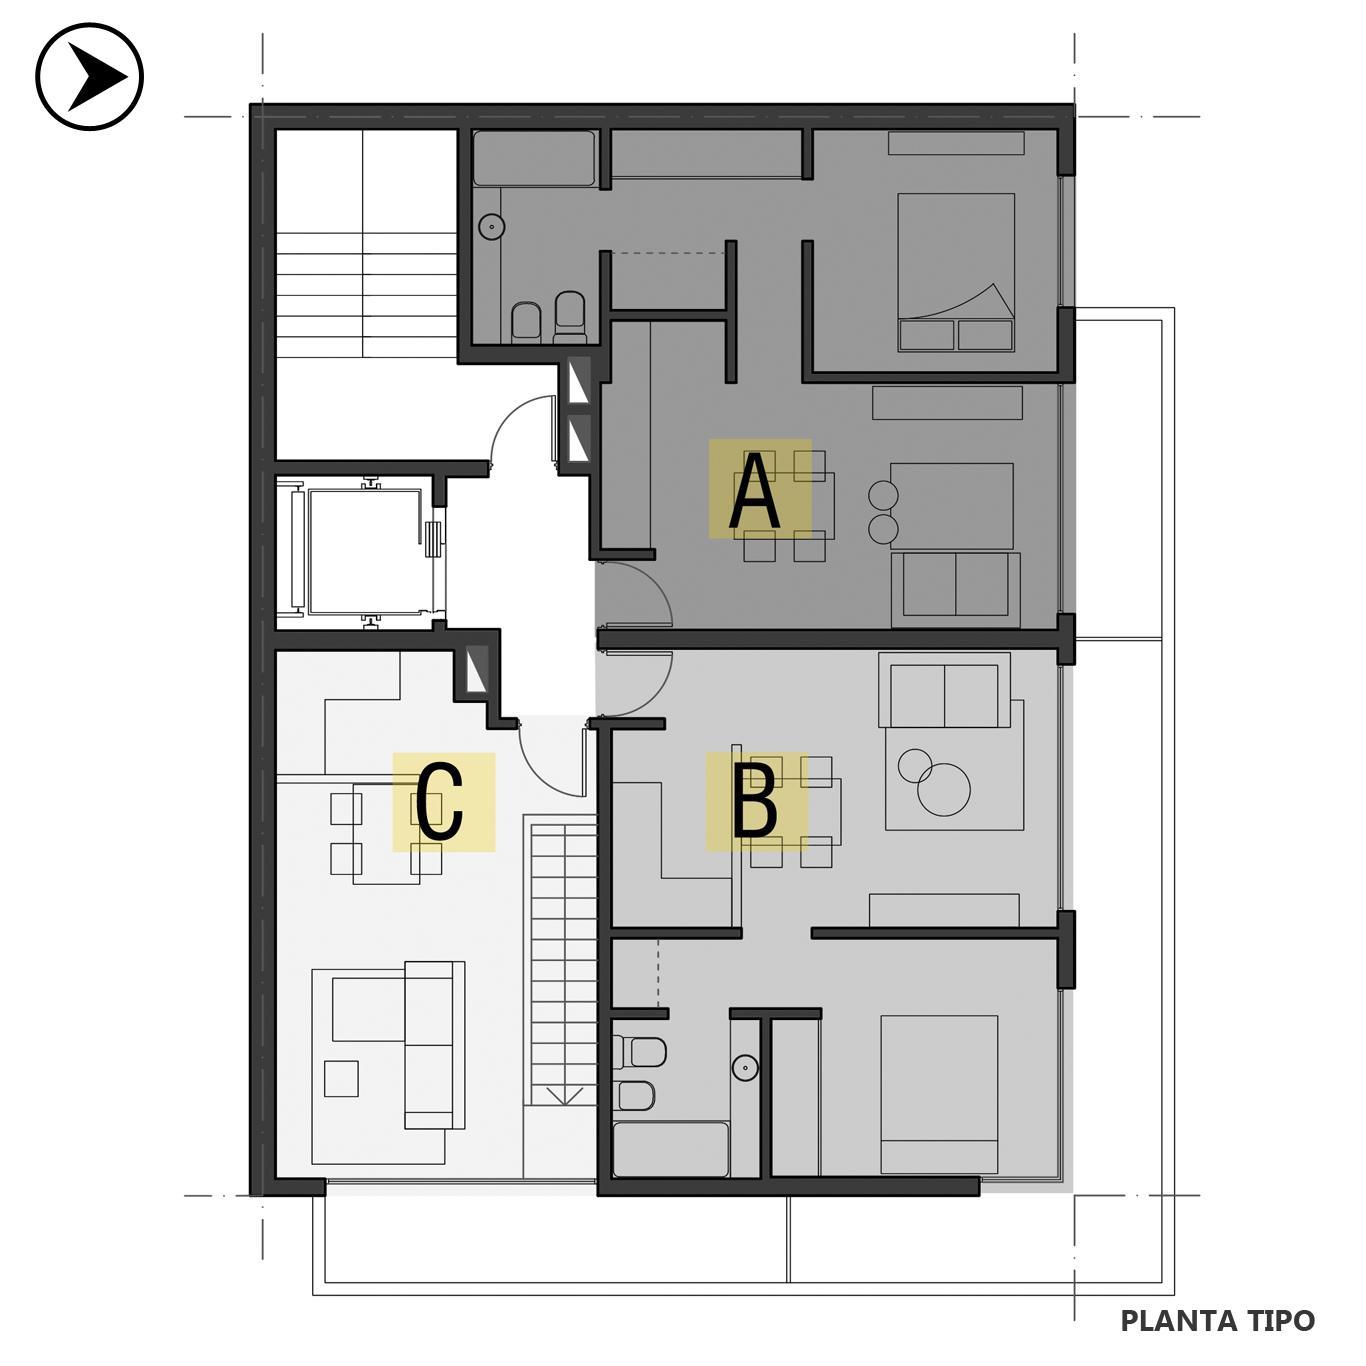 Venta departamento 1 dormitorio Rosario, Centro. Cod CBU24188 AP2257811. Crestale Propiedades